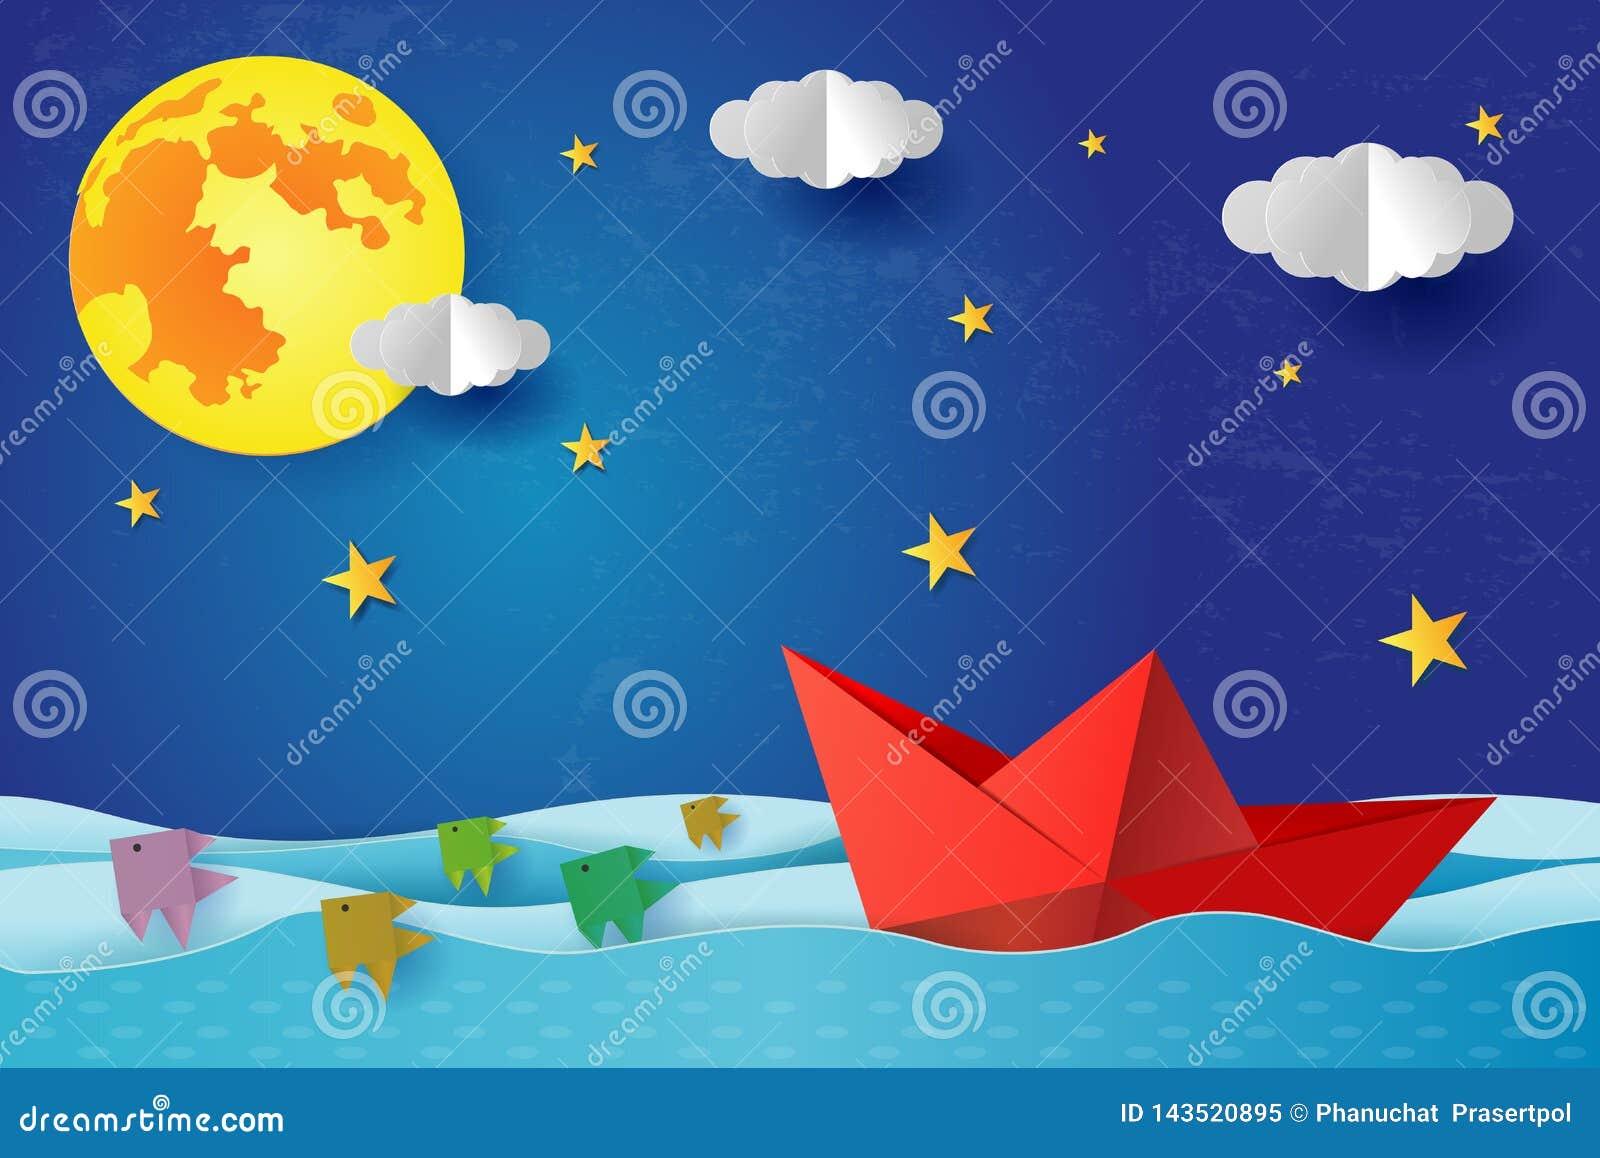 Origami纸小船在蓝色海海洋的晚上 与满月的超现实的海景与云彩和星,纸艺术